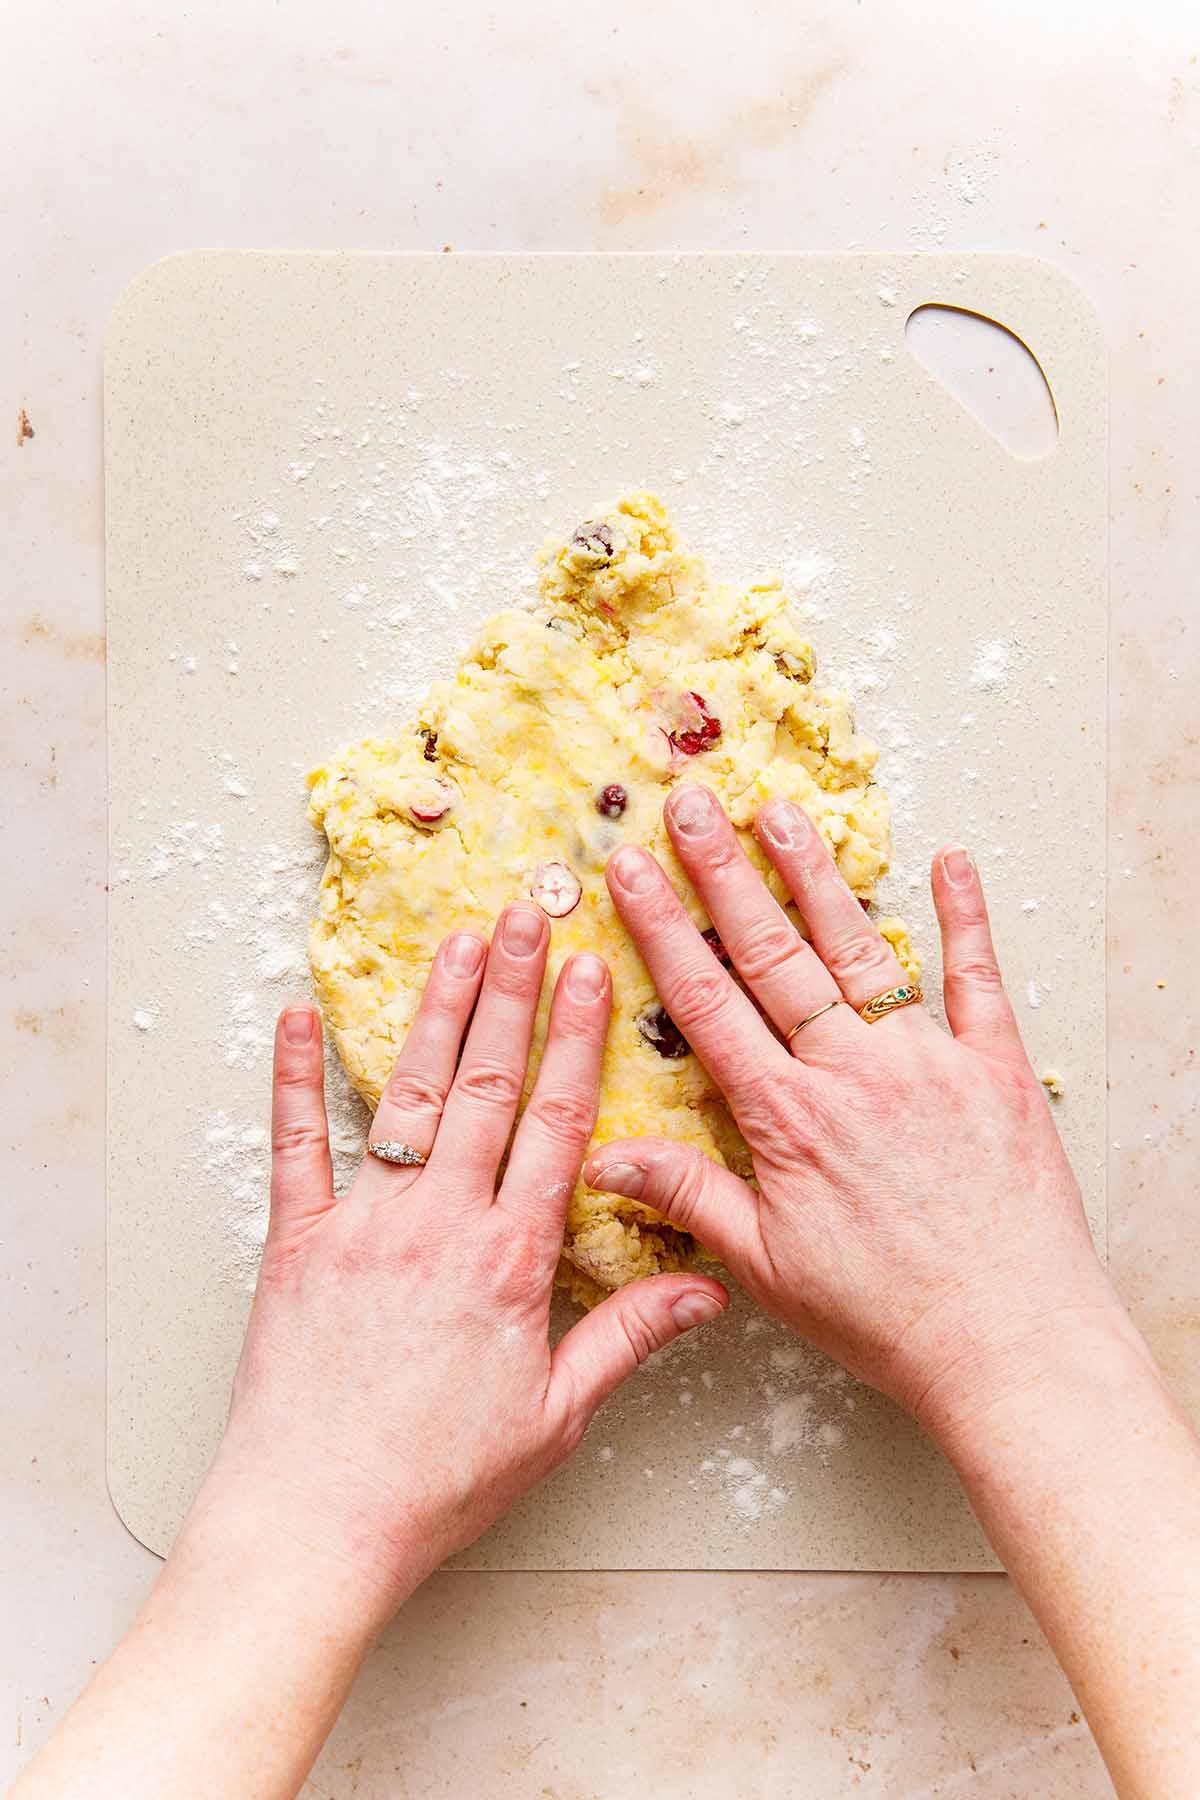 Hands pressing dough into a disc shape.